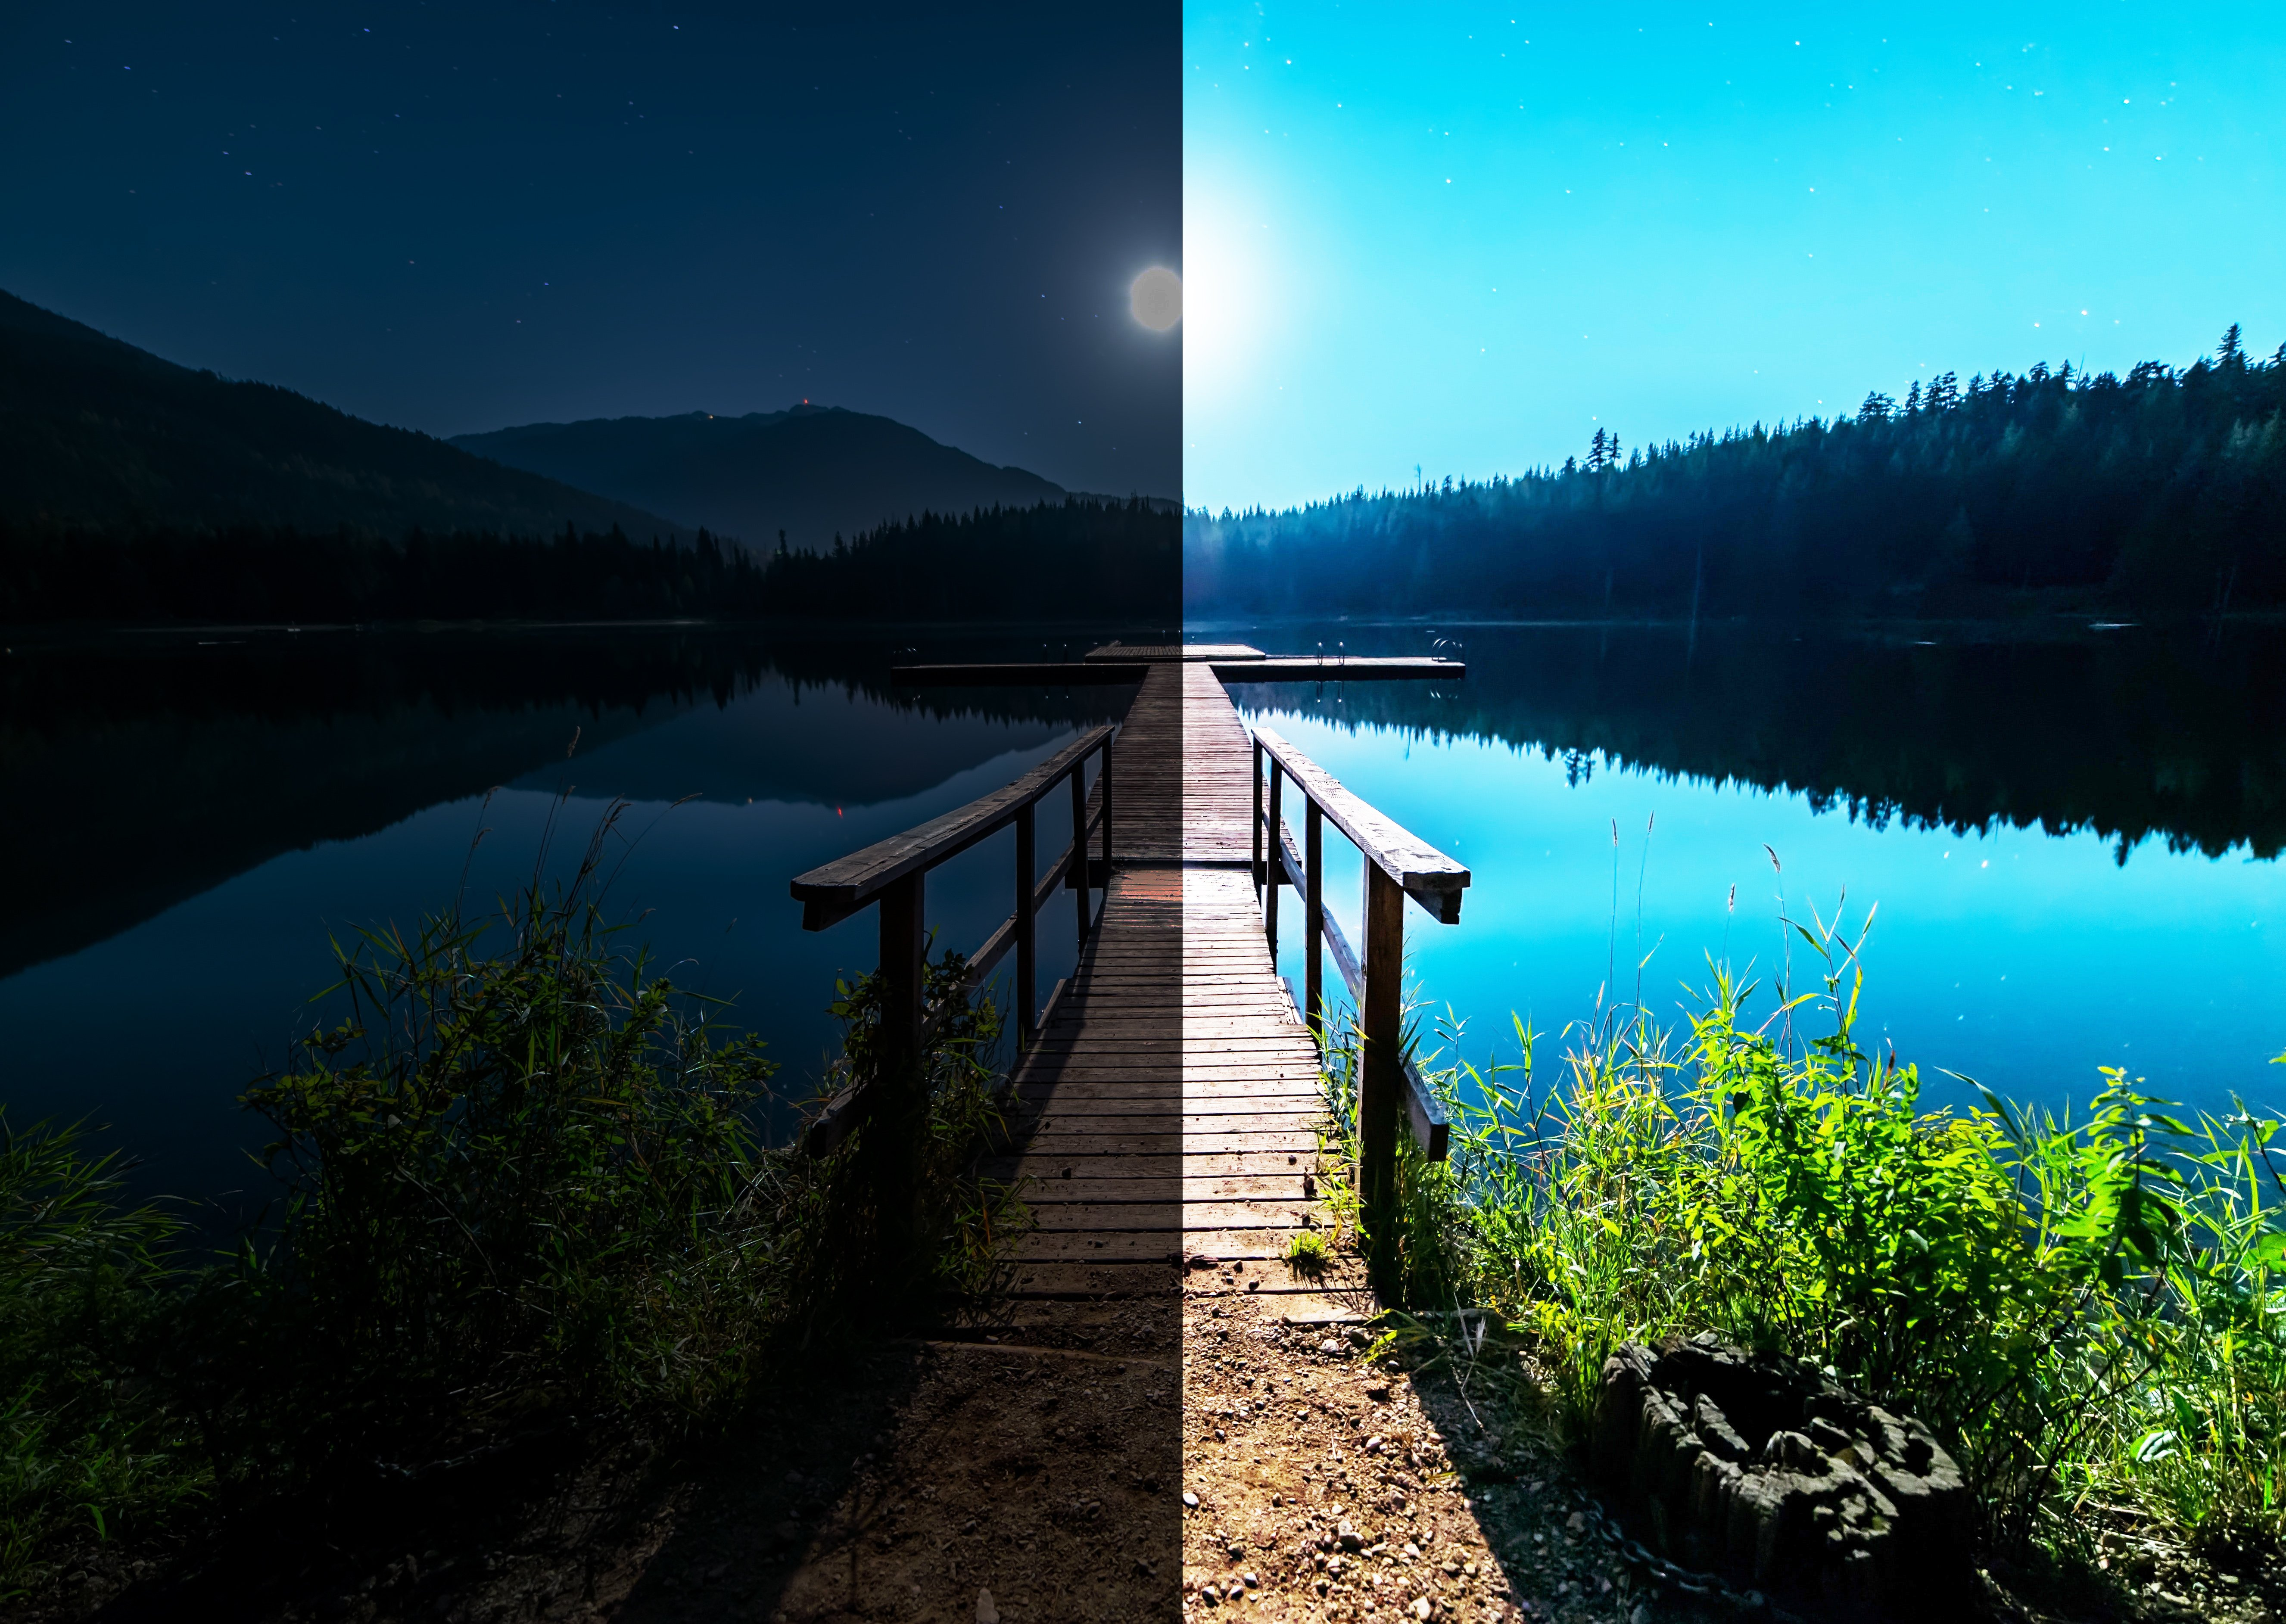 Belichtungsmessung zu hell und zu dunkel